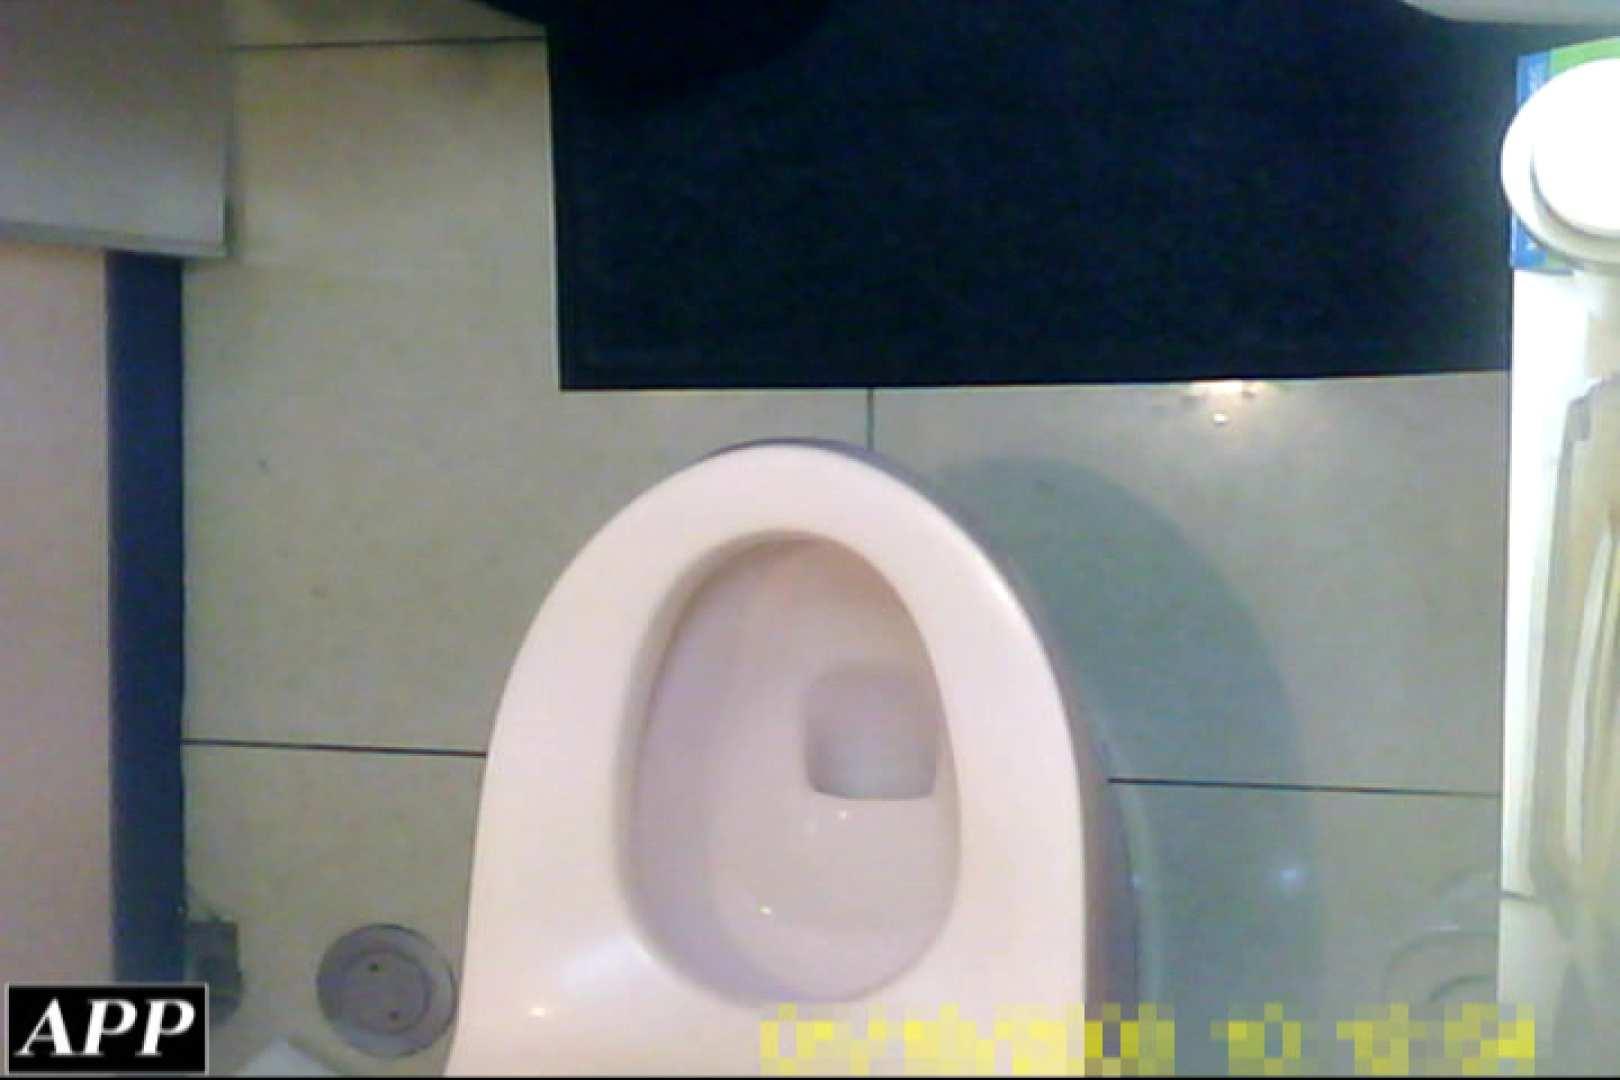 3視点洗面所 vol.29 オマンコ全開です オマンコ動画キャプチャ 109枚